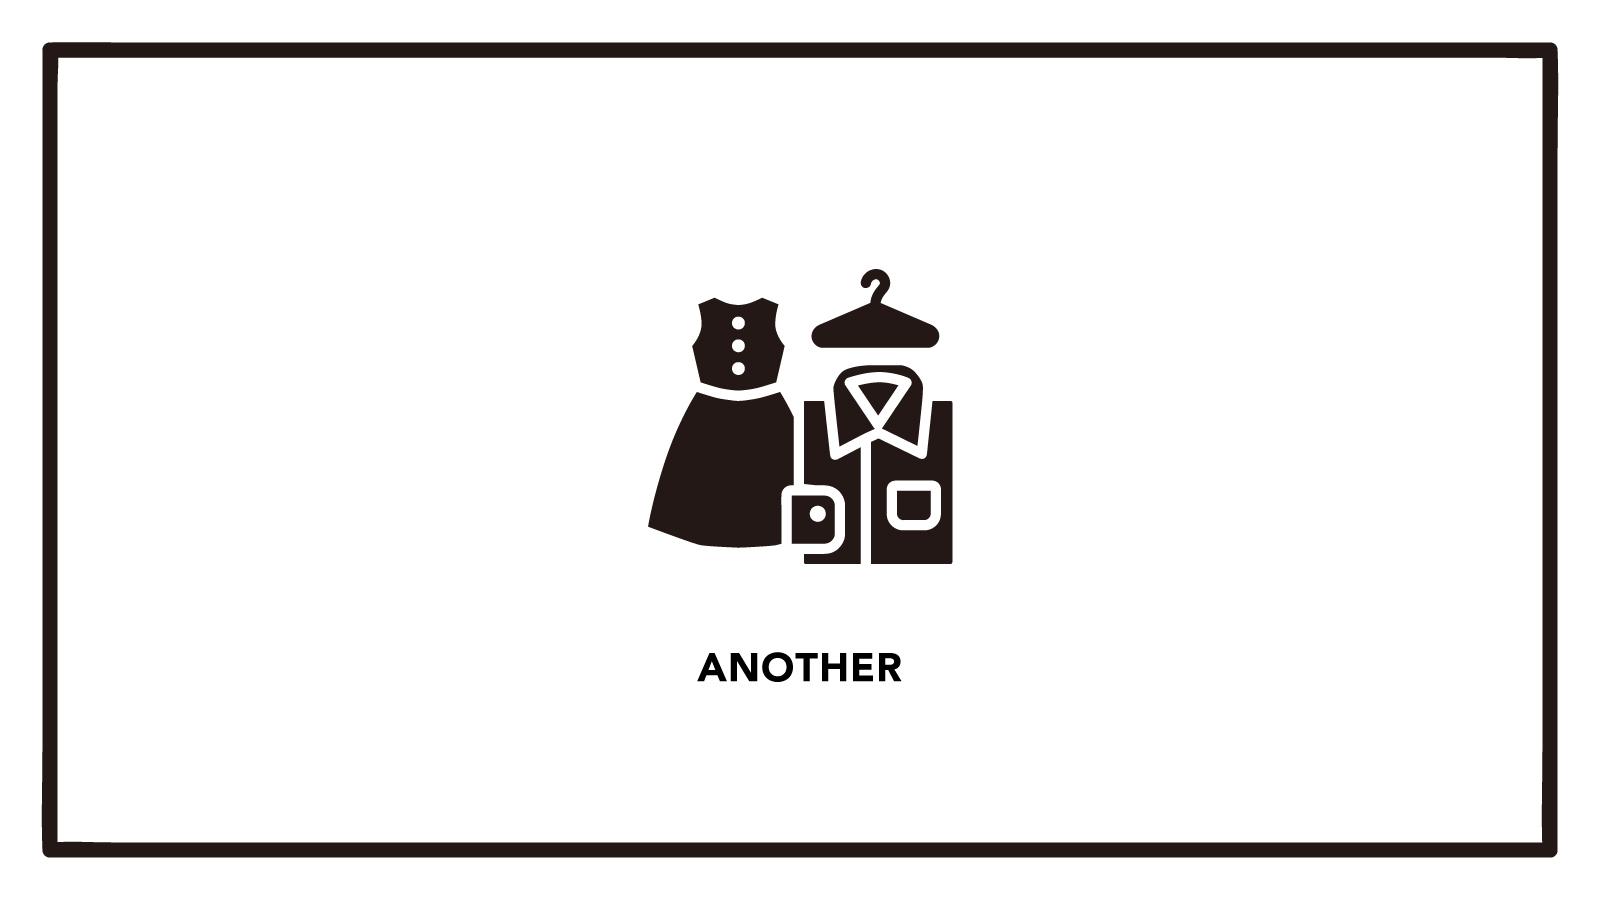 ファッション・アパレル業界未経験の方歓迎!のカバー写真